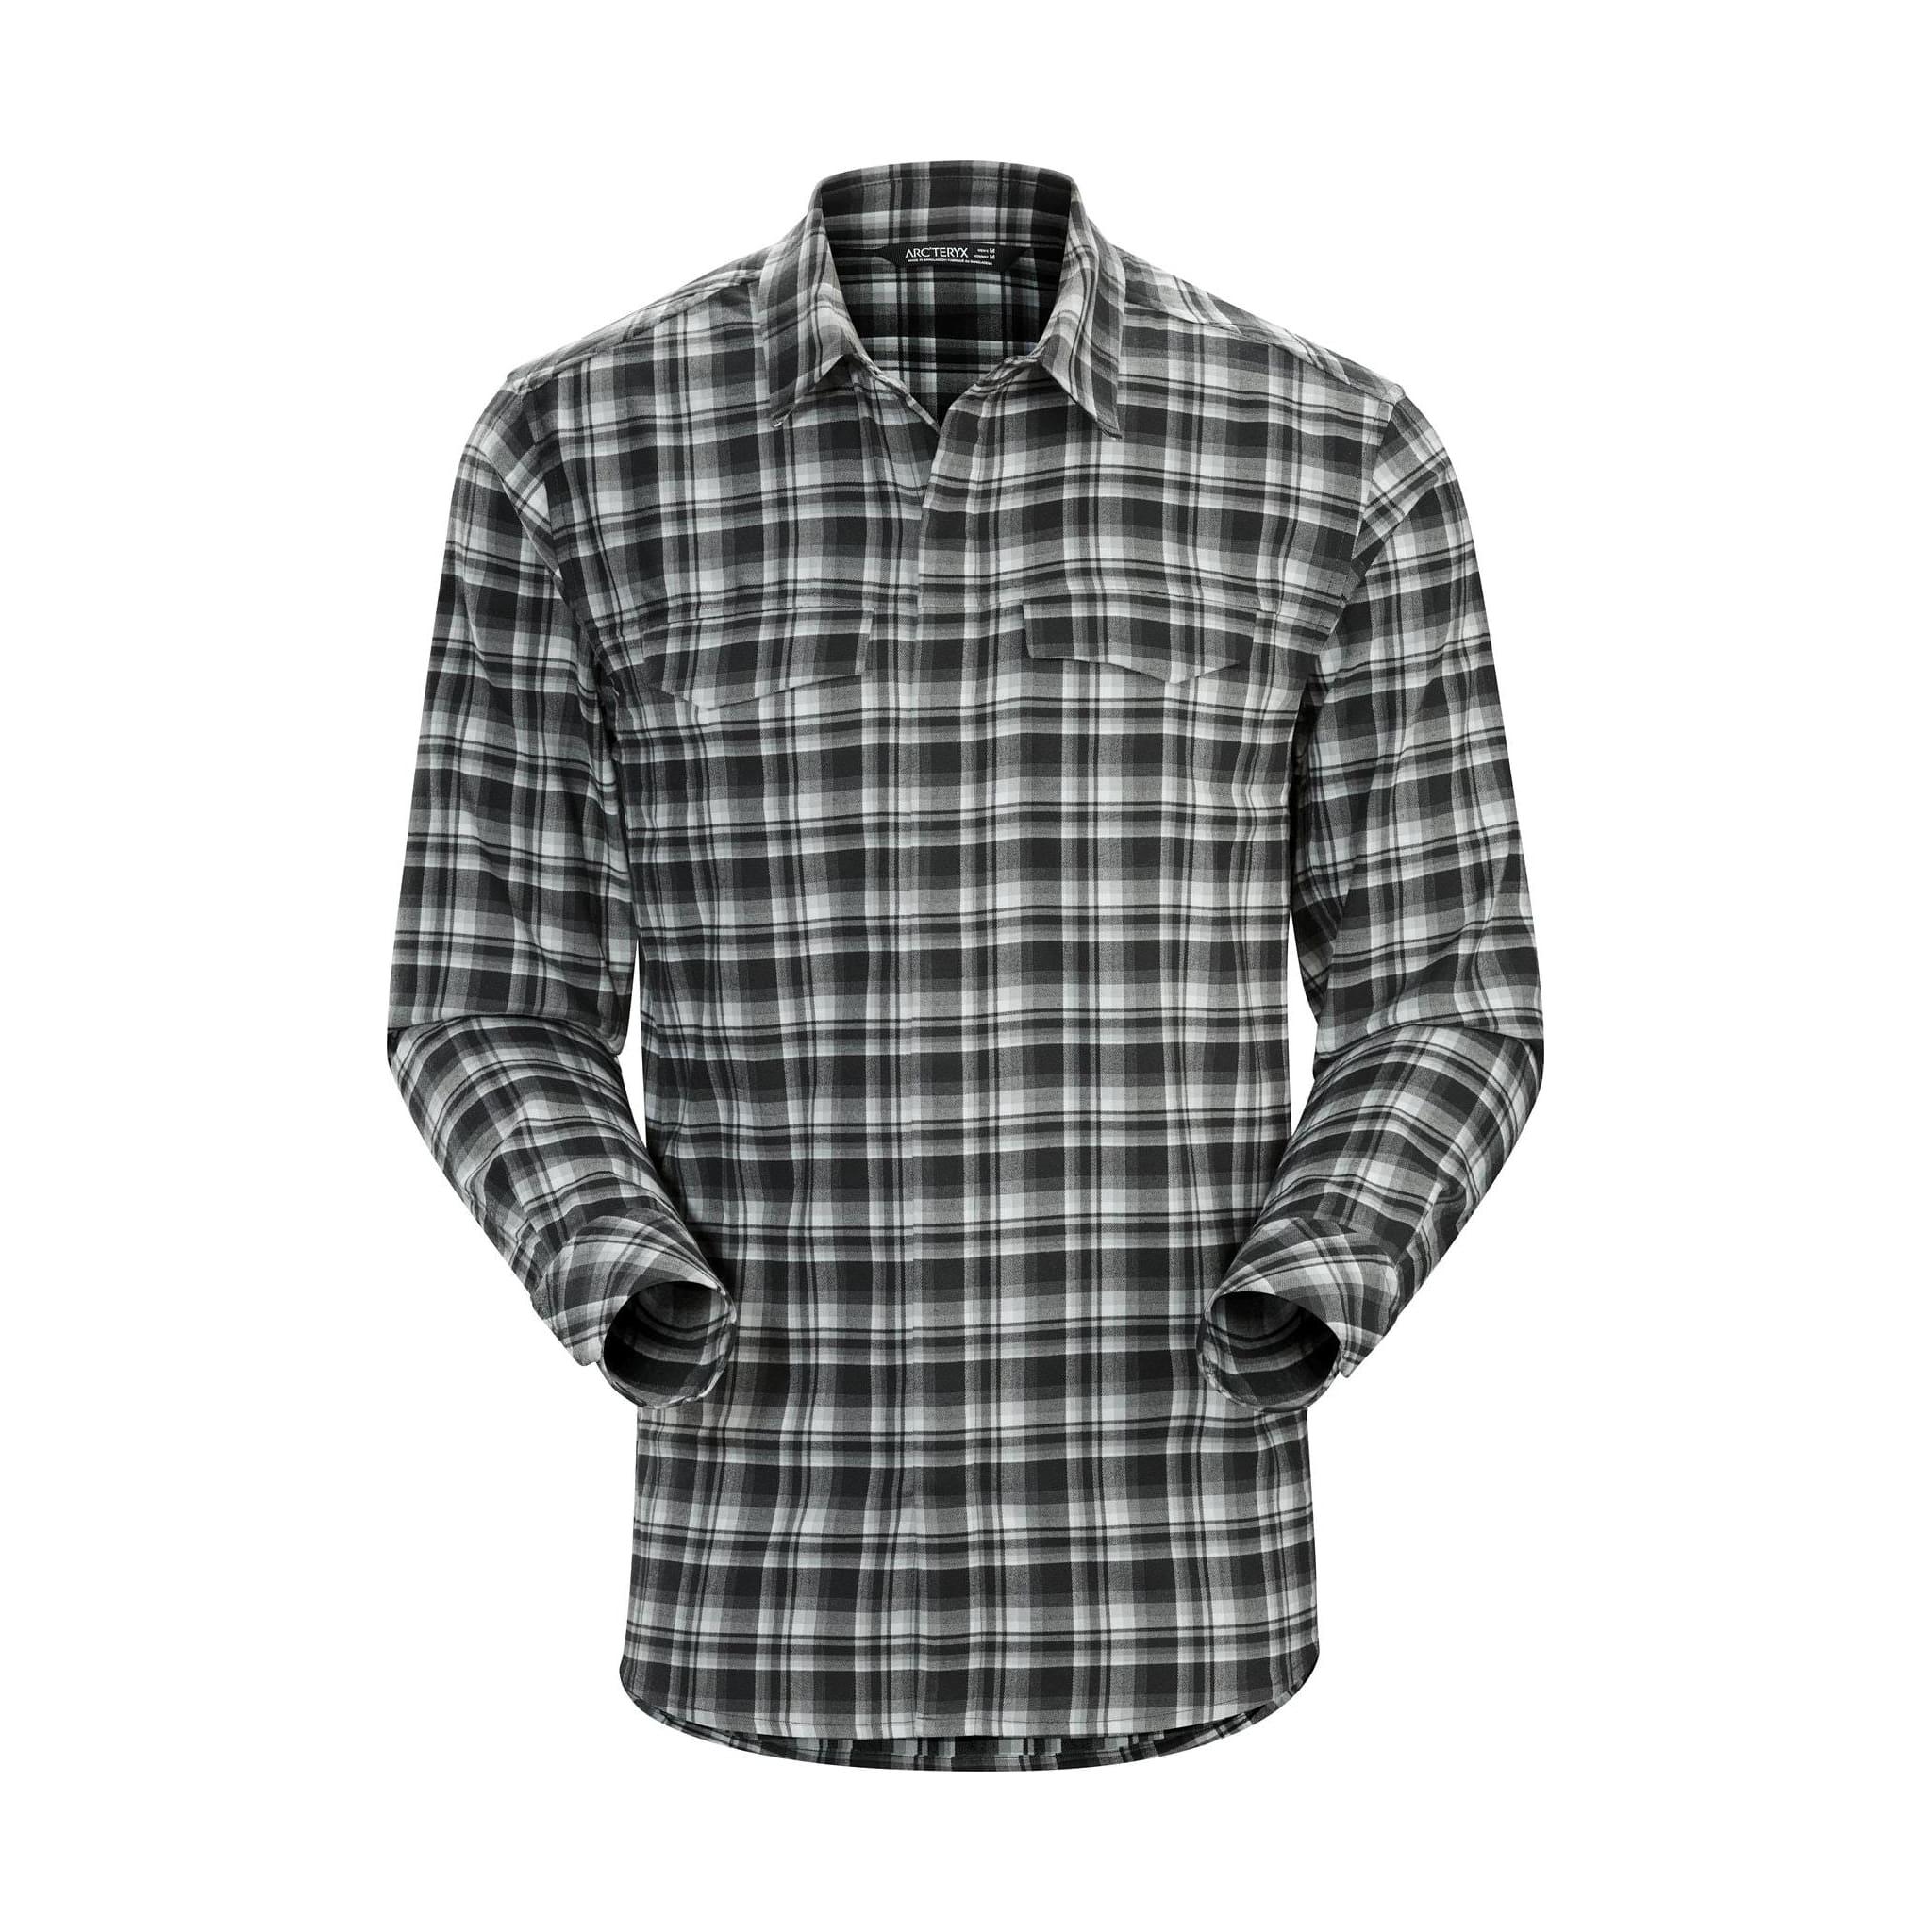 Lett og behagelig flanellskjorte